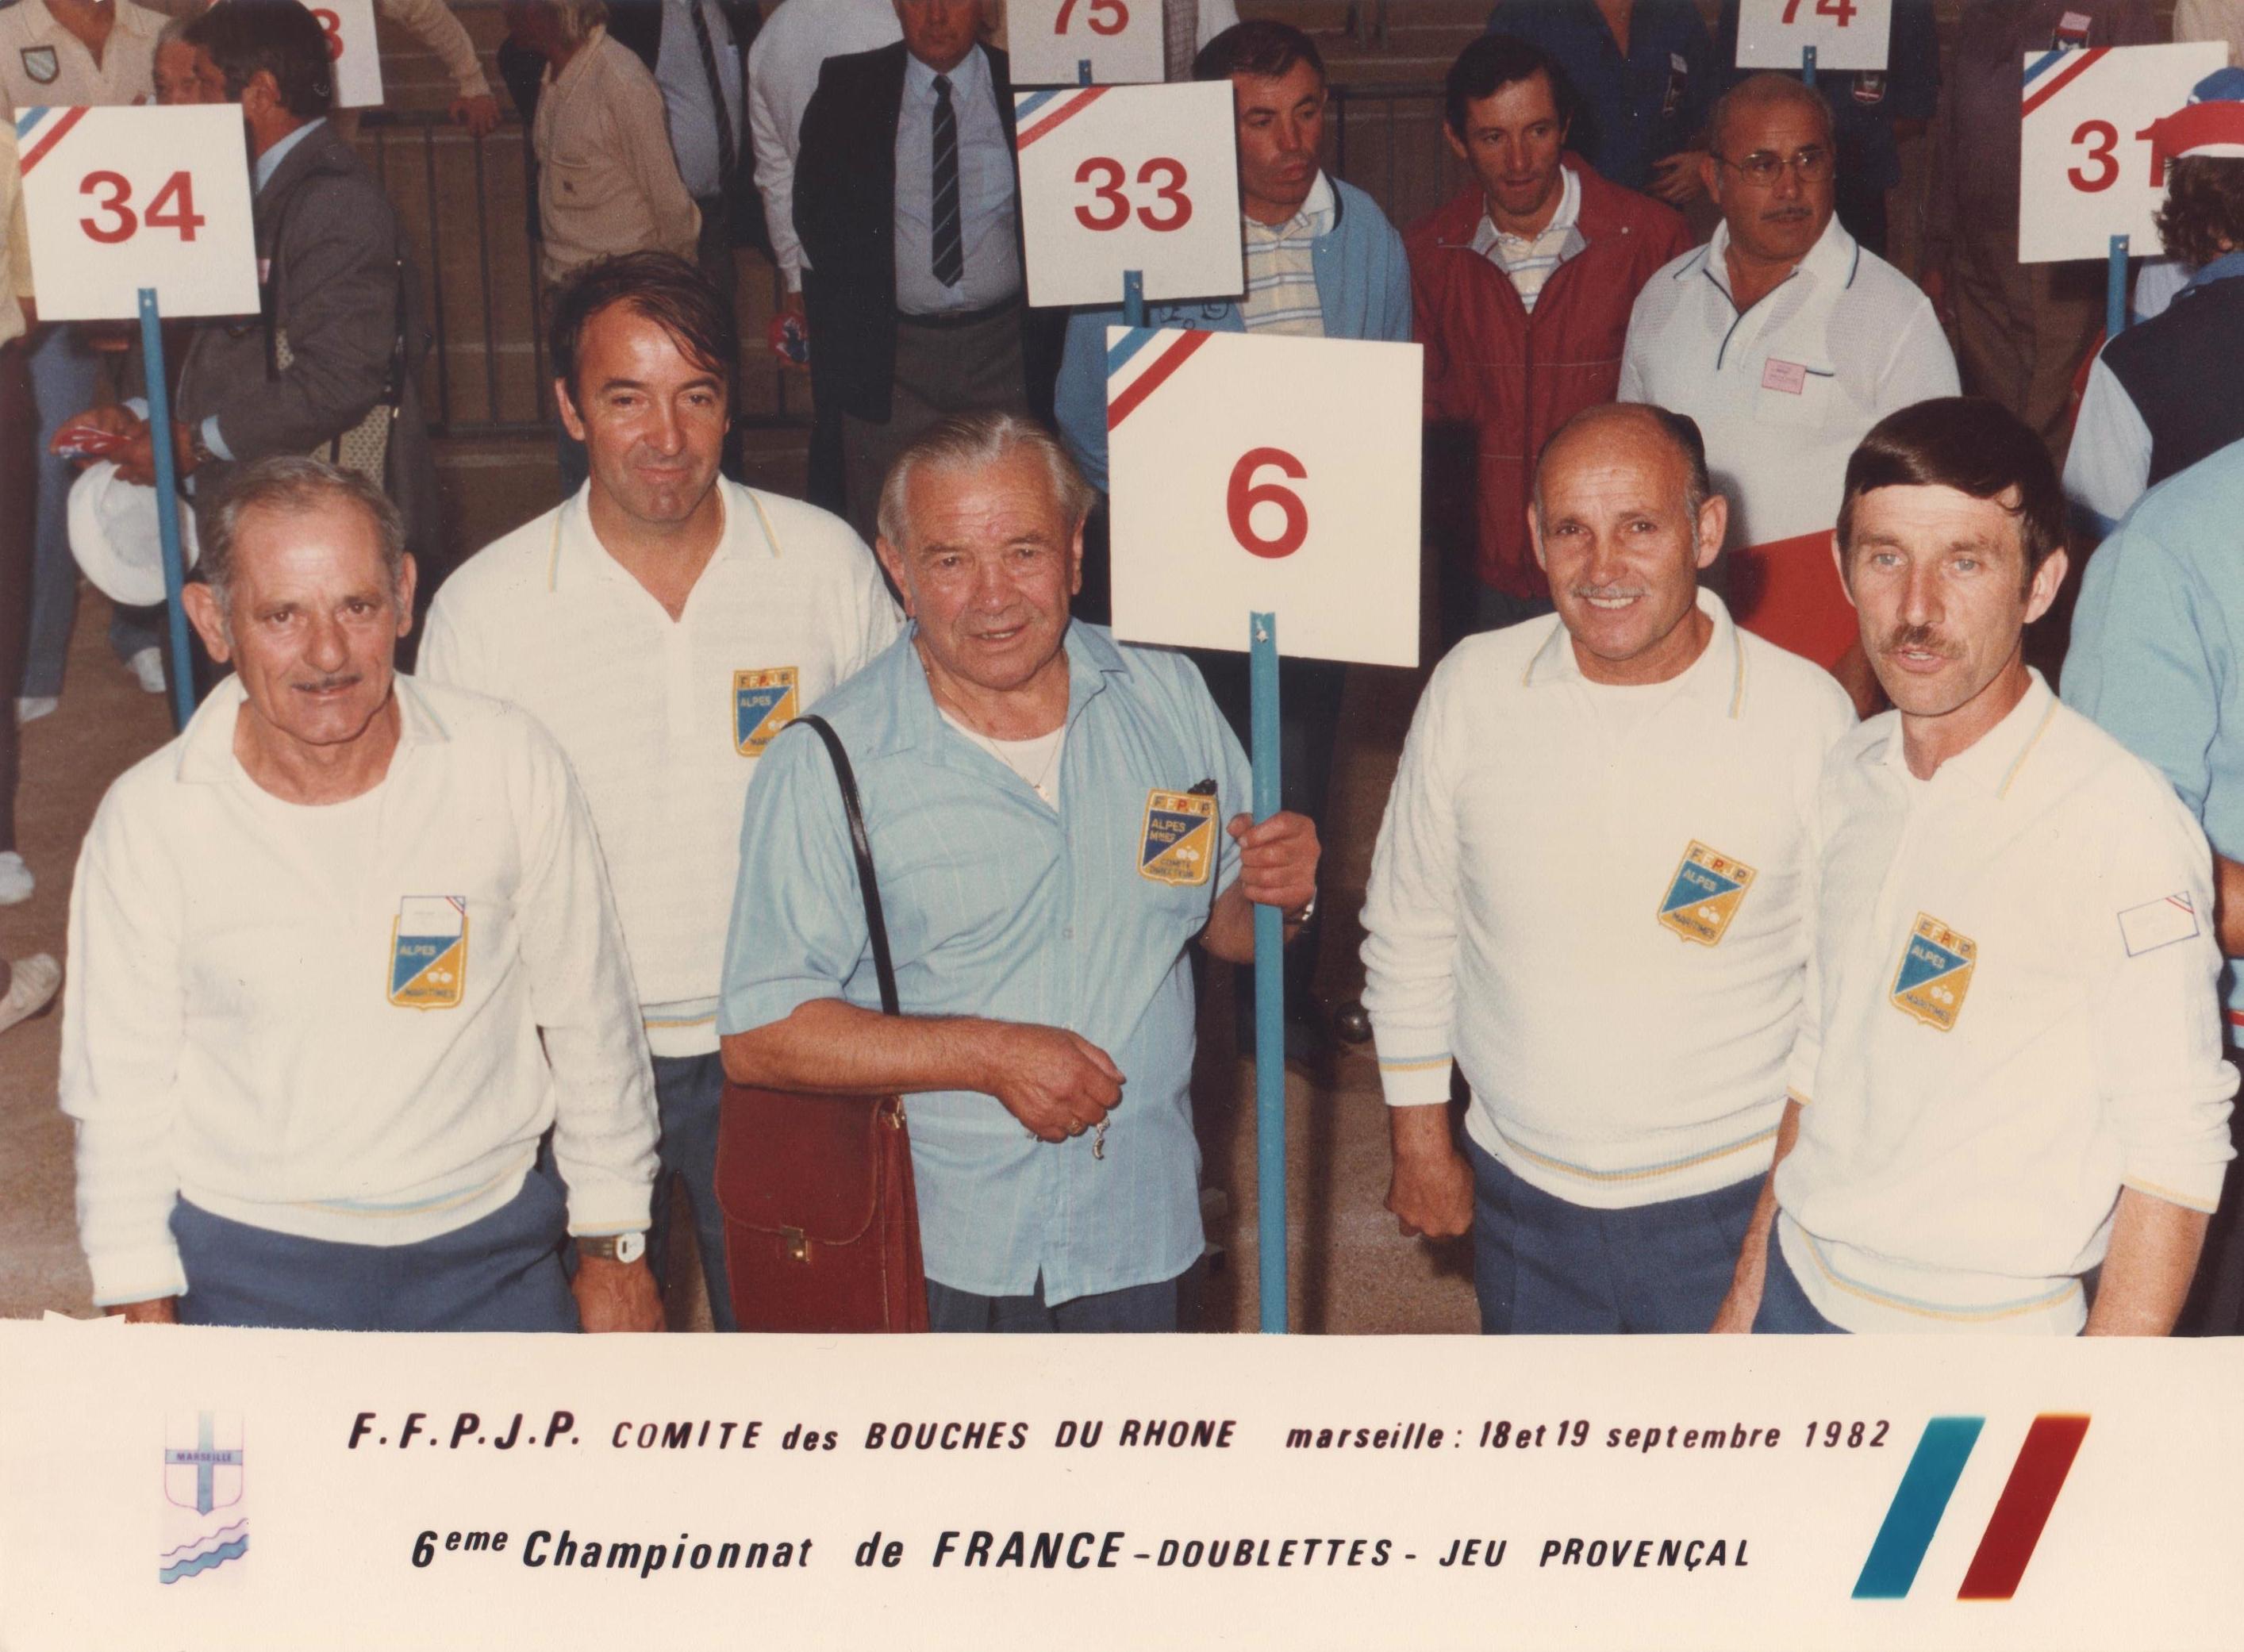 Les 2 doublettes du 06 qualifiées pour le championnat de France 1982 au Jeu Provençal : CHECCONI-RANCUREL et MAILLAN-MOSCIONI